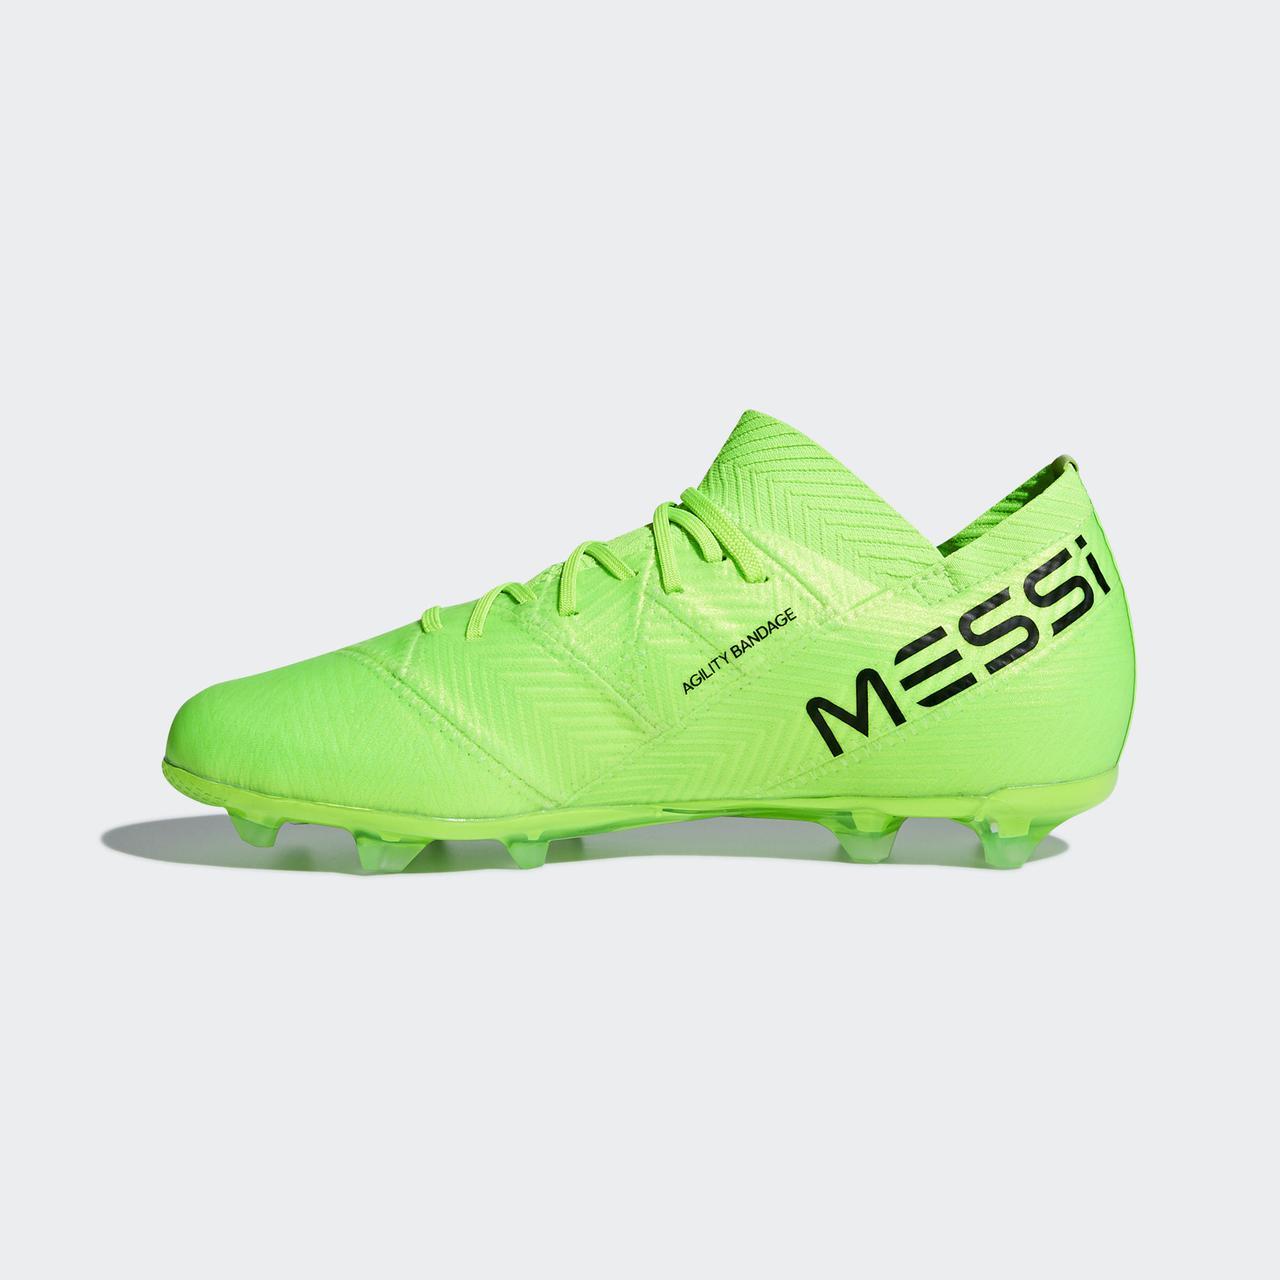 ... фото Детские футбольные бутсы Adidas Performance Nemeziz Messi 18.1 FG  (Артикул  DB2361), ... 8d97d6a0dc9